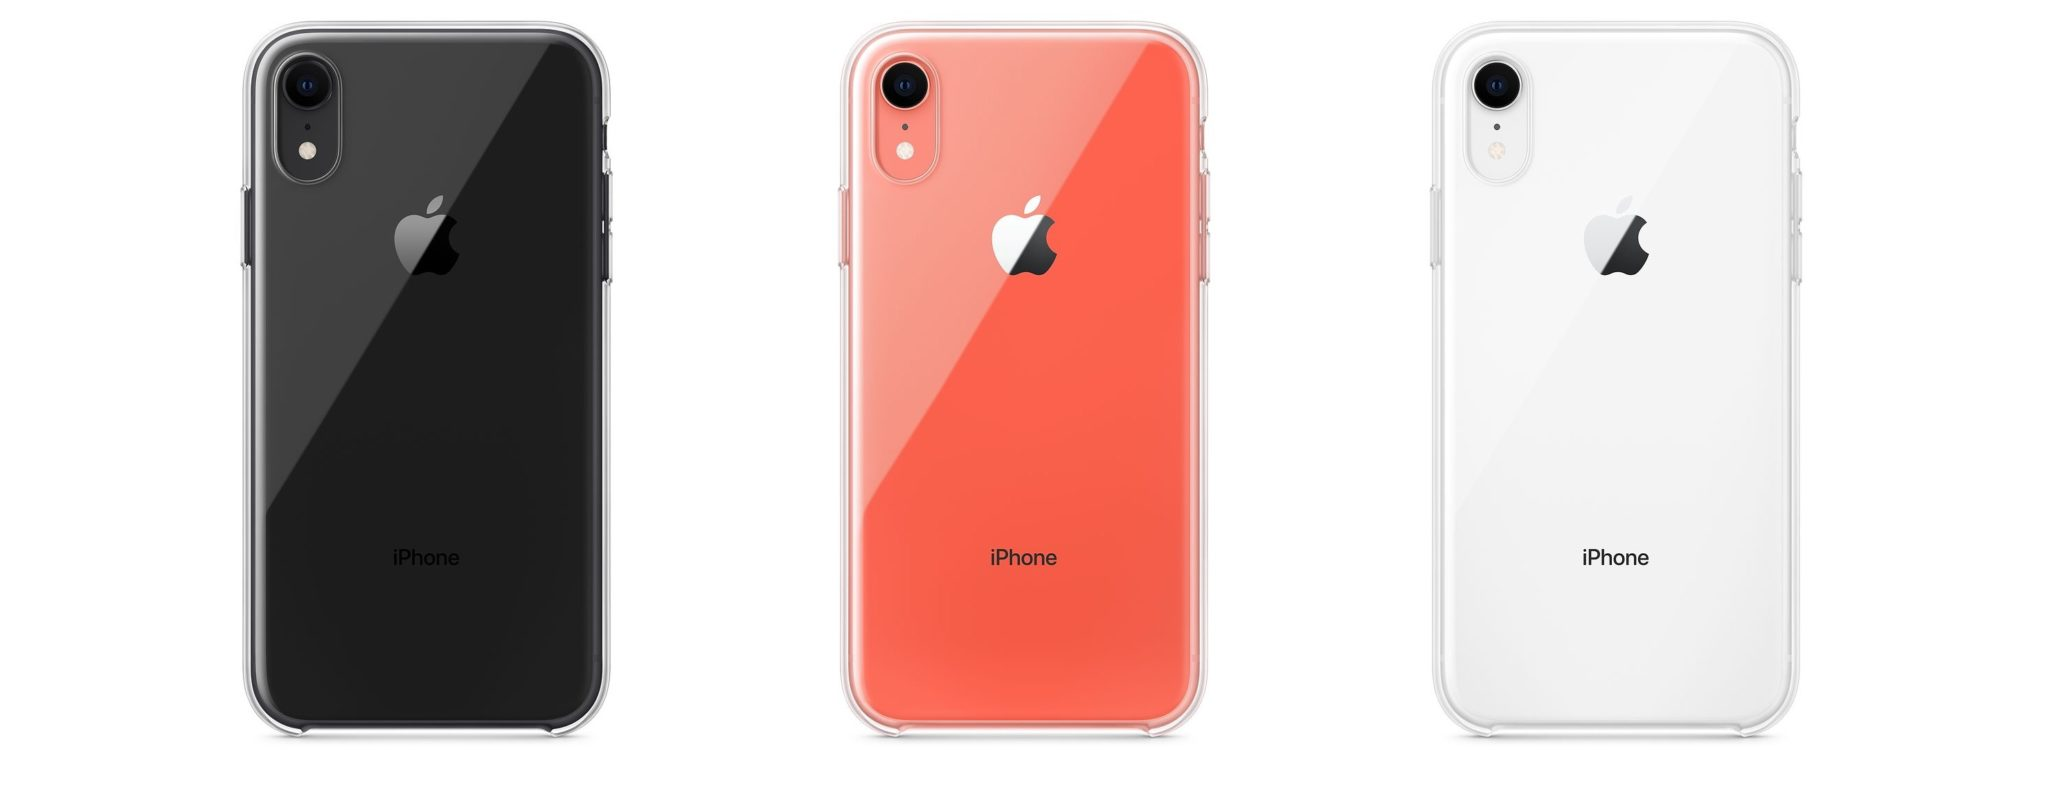 iphonexr clear case colors2 - Apple konečne začal predávať oficiálny obal pre iPhone XR